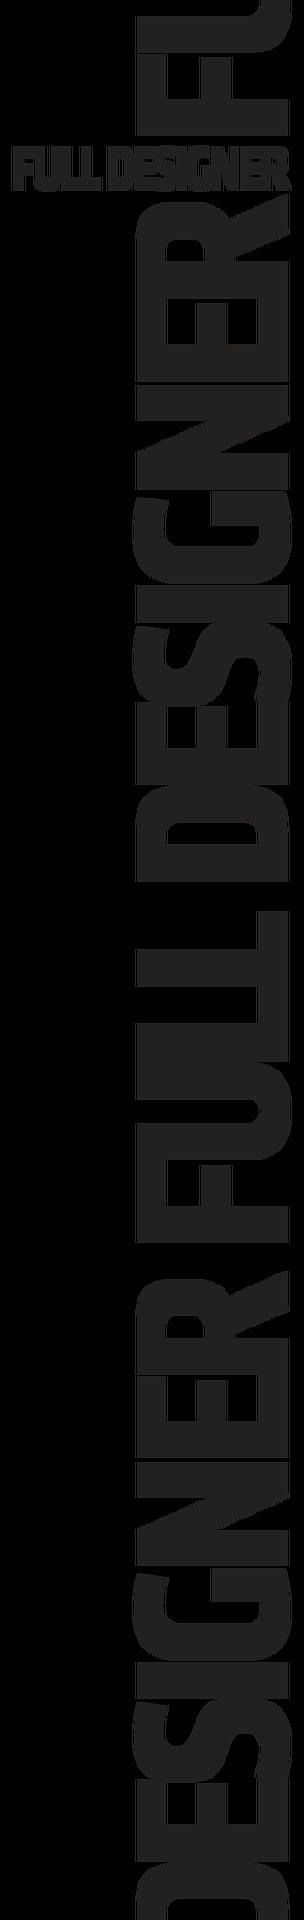 design para pdv design de embalagem design para PDV